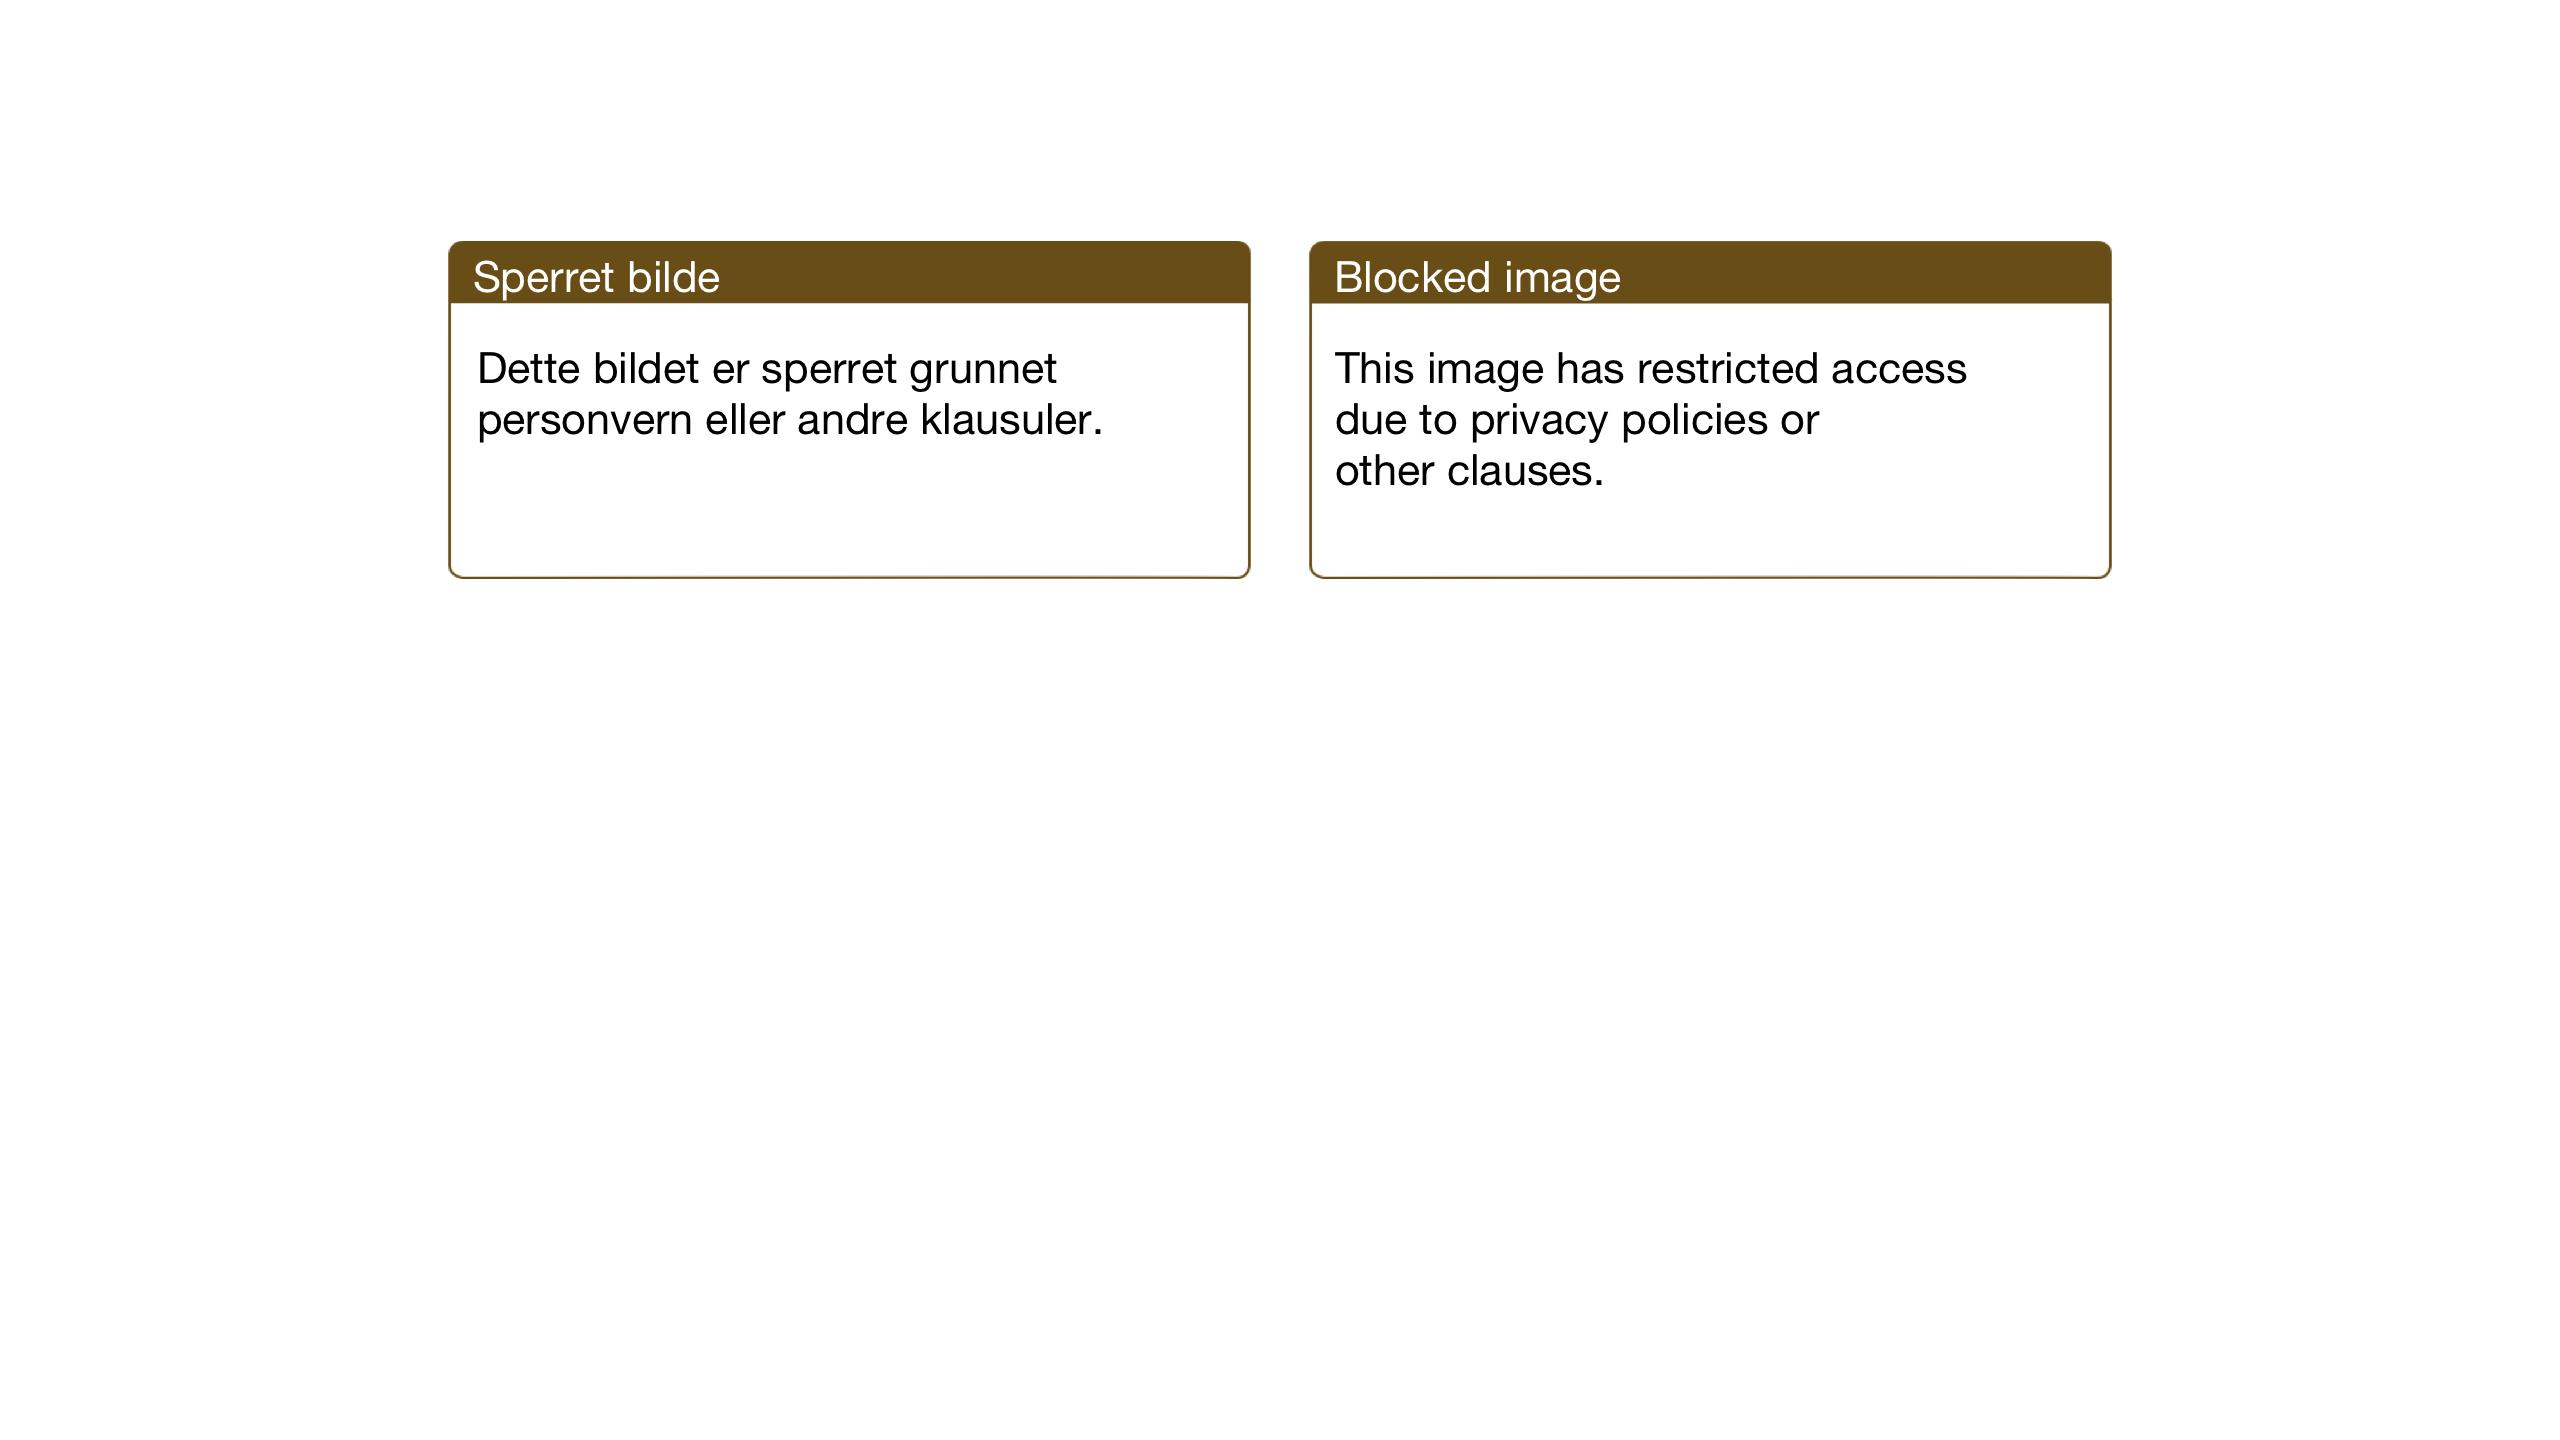 SAT, Ministerialprotokoller, klokkerbøker og fødselsregistre - Sør-Trøndelag, 604/L0210: Ministerialbok nr. 604A30, 1932-1946, s. 70